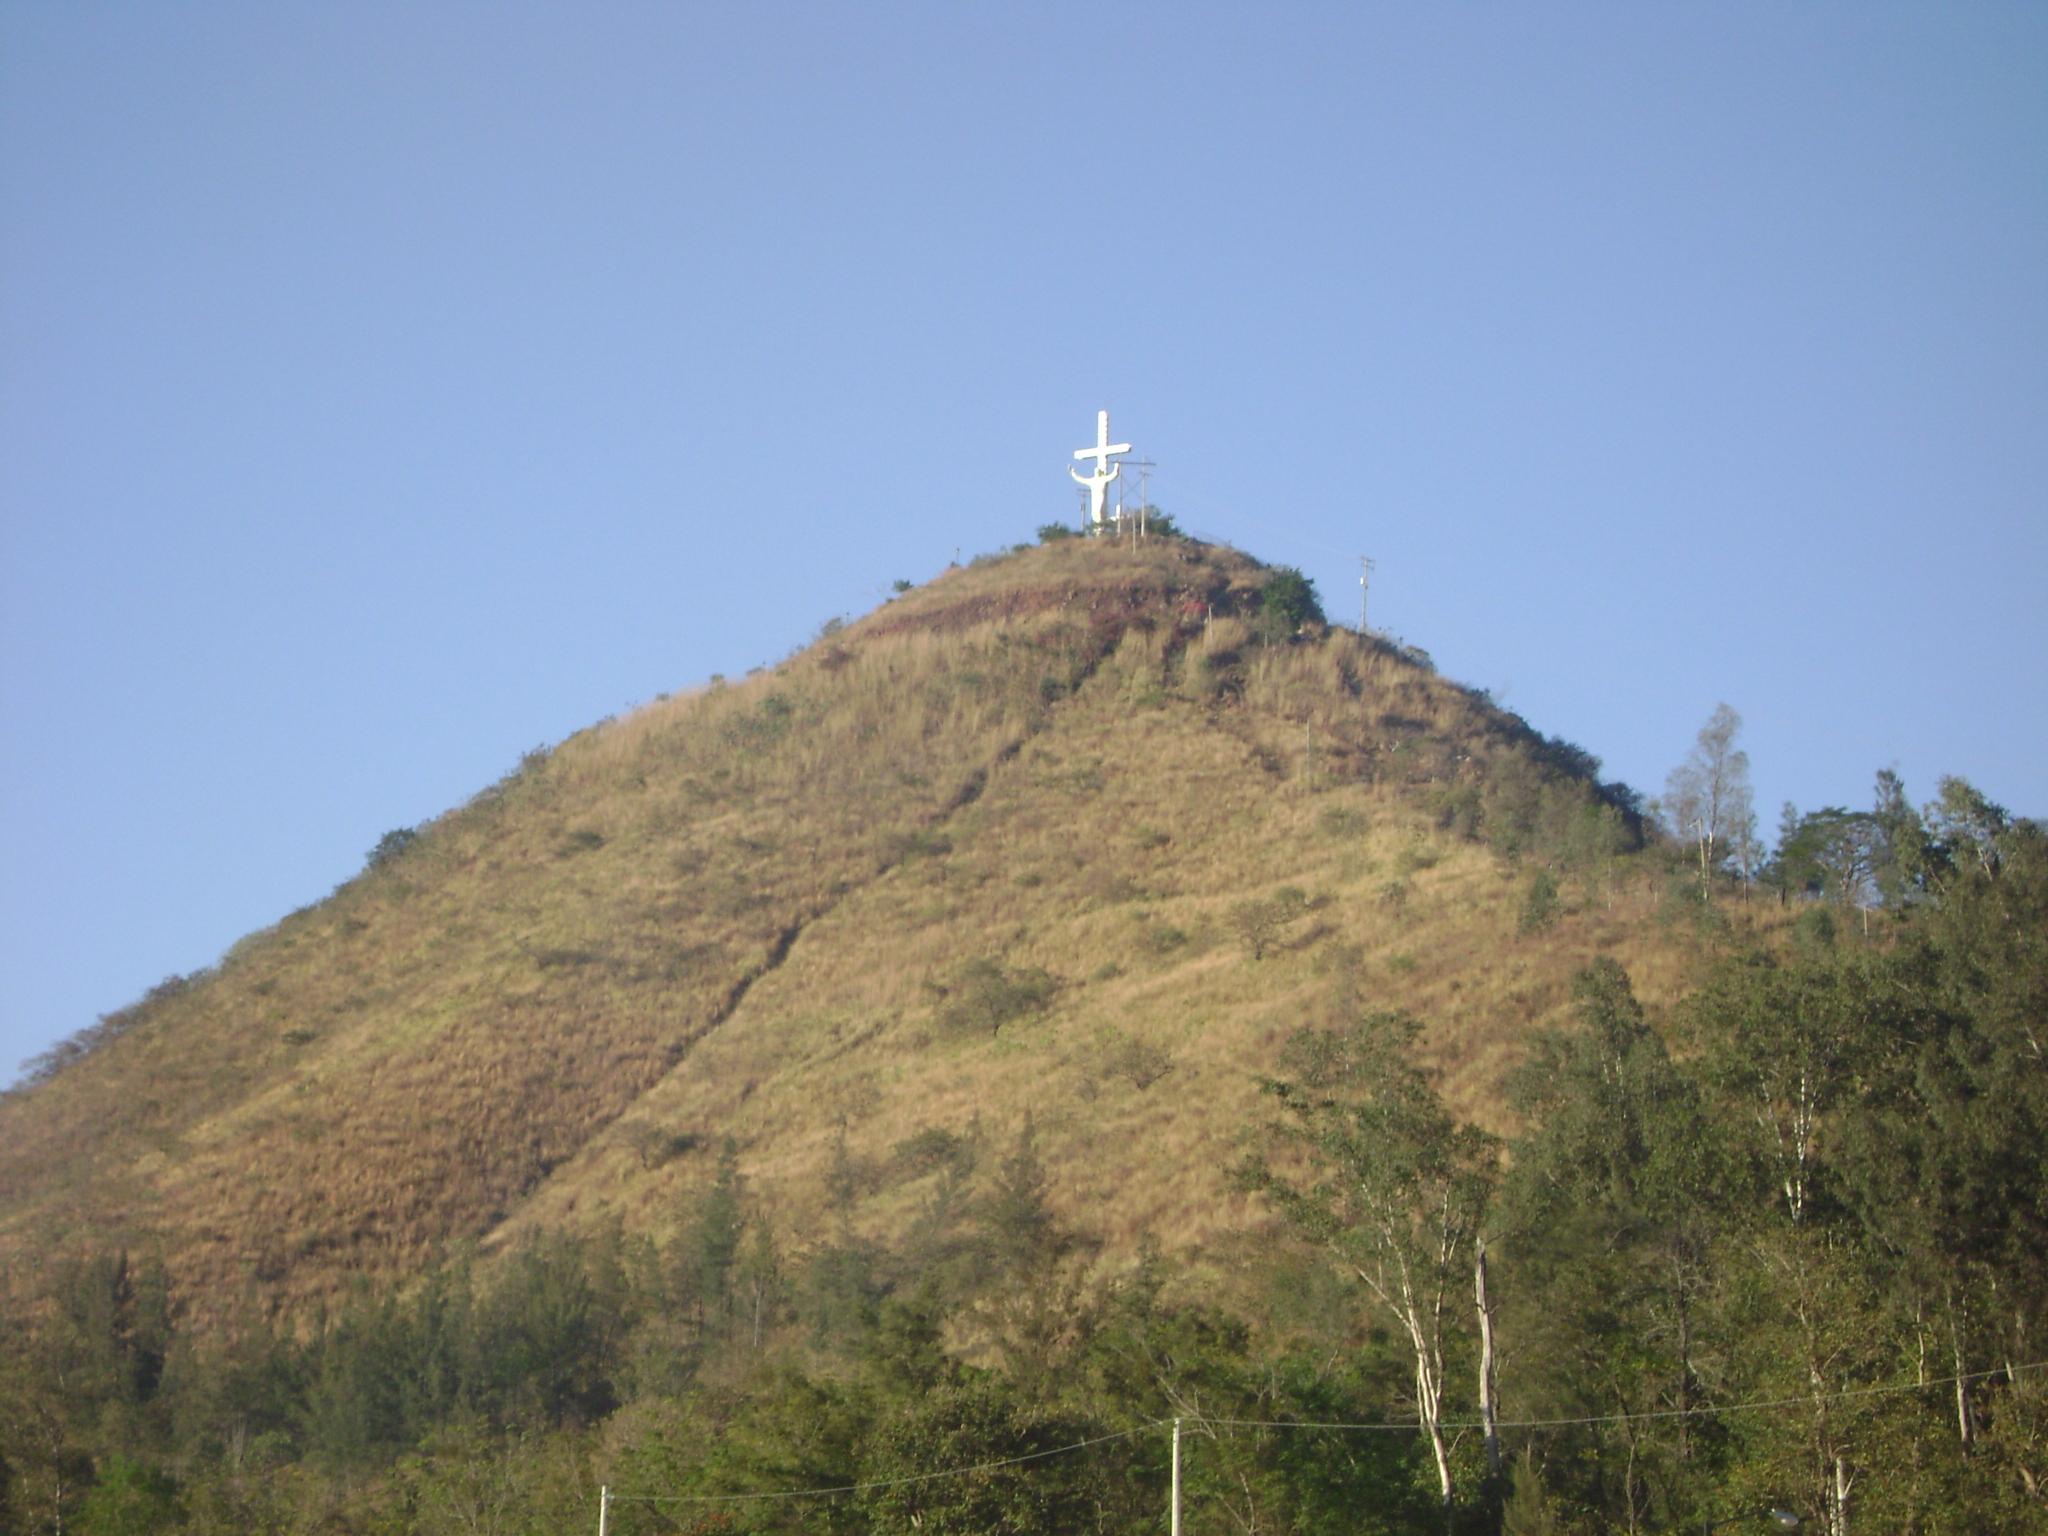 FileCerro de la cruz Tepicjpg  Wikimedia Commons